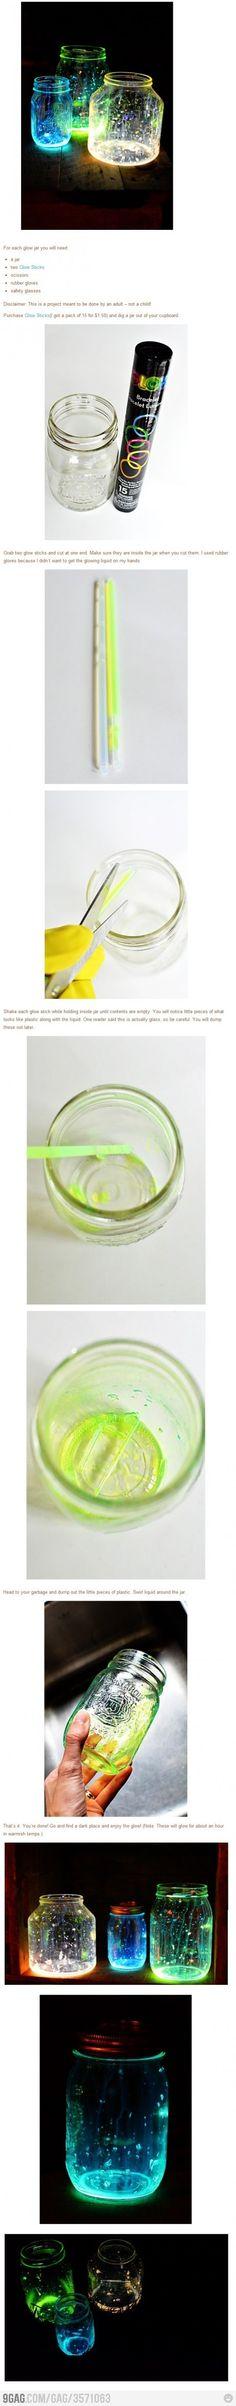 DIY Glow in the Dark Jars